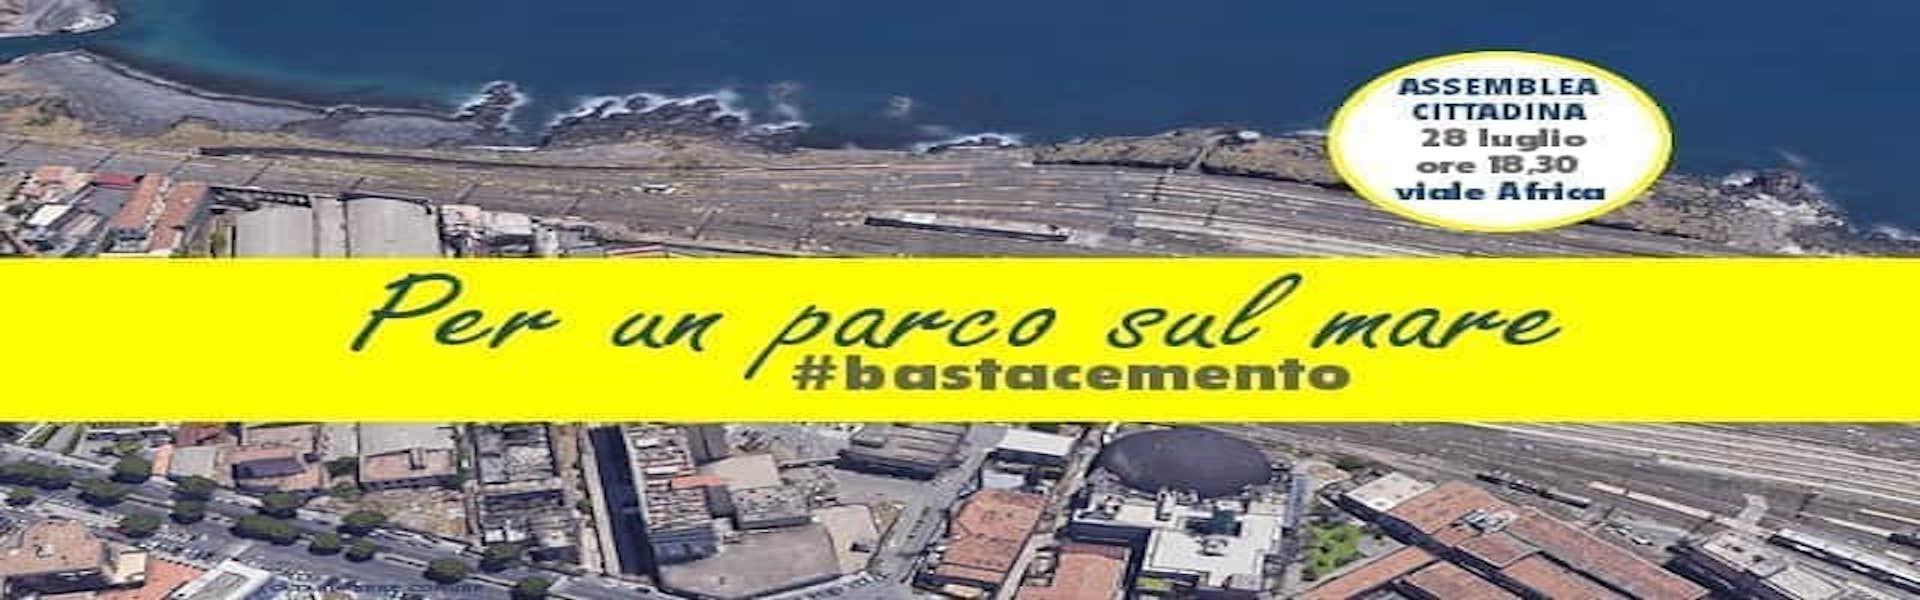 Cittadella giudiziaria sul mare? E se i catanesi non fossero d'accordo? Martedì assemblea